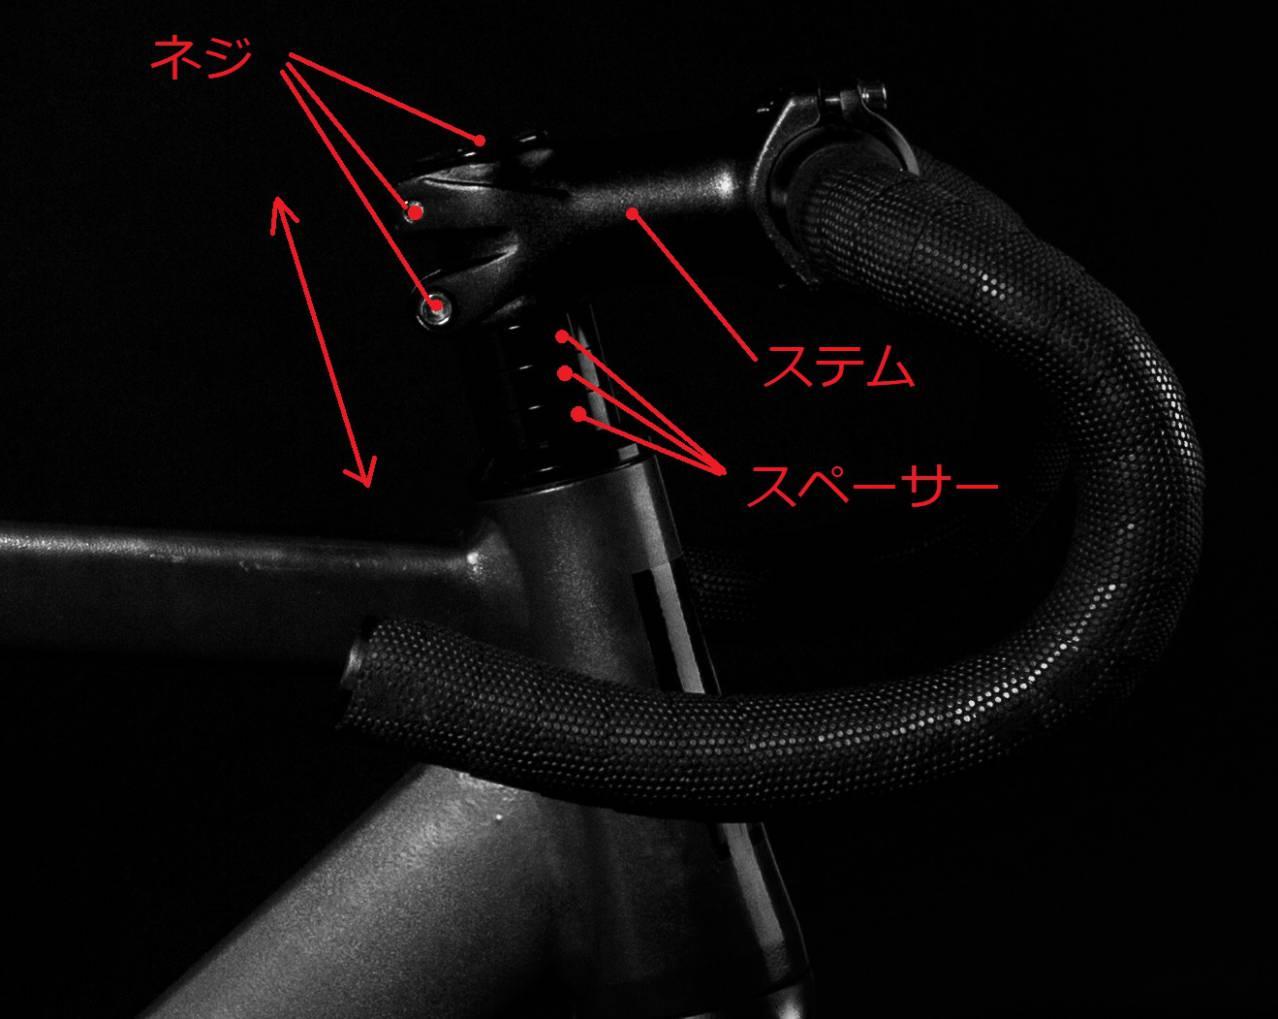 ハンドル位置を変える【縦】